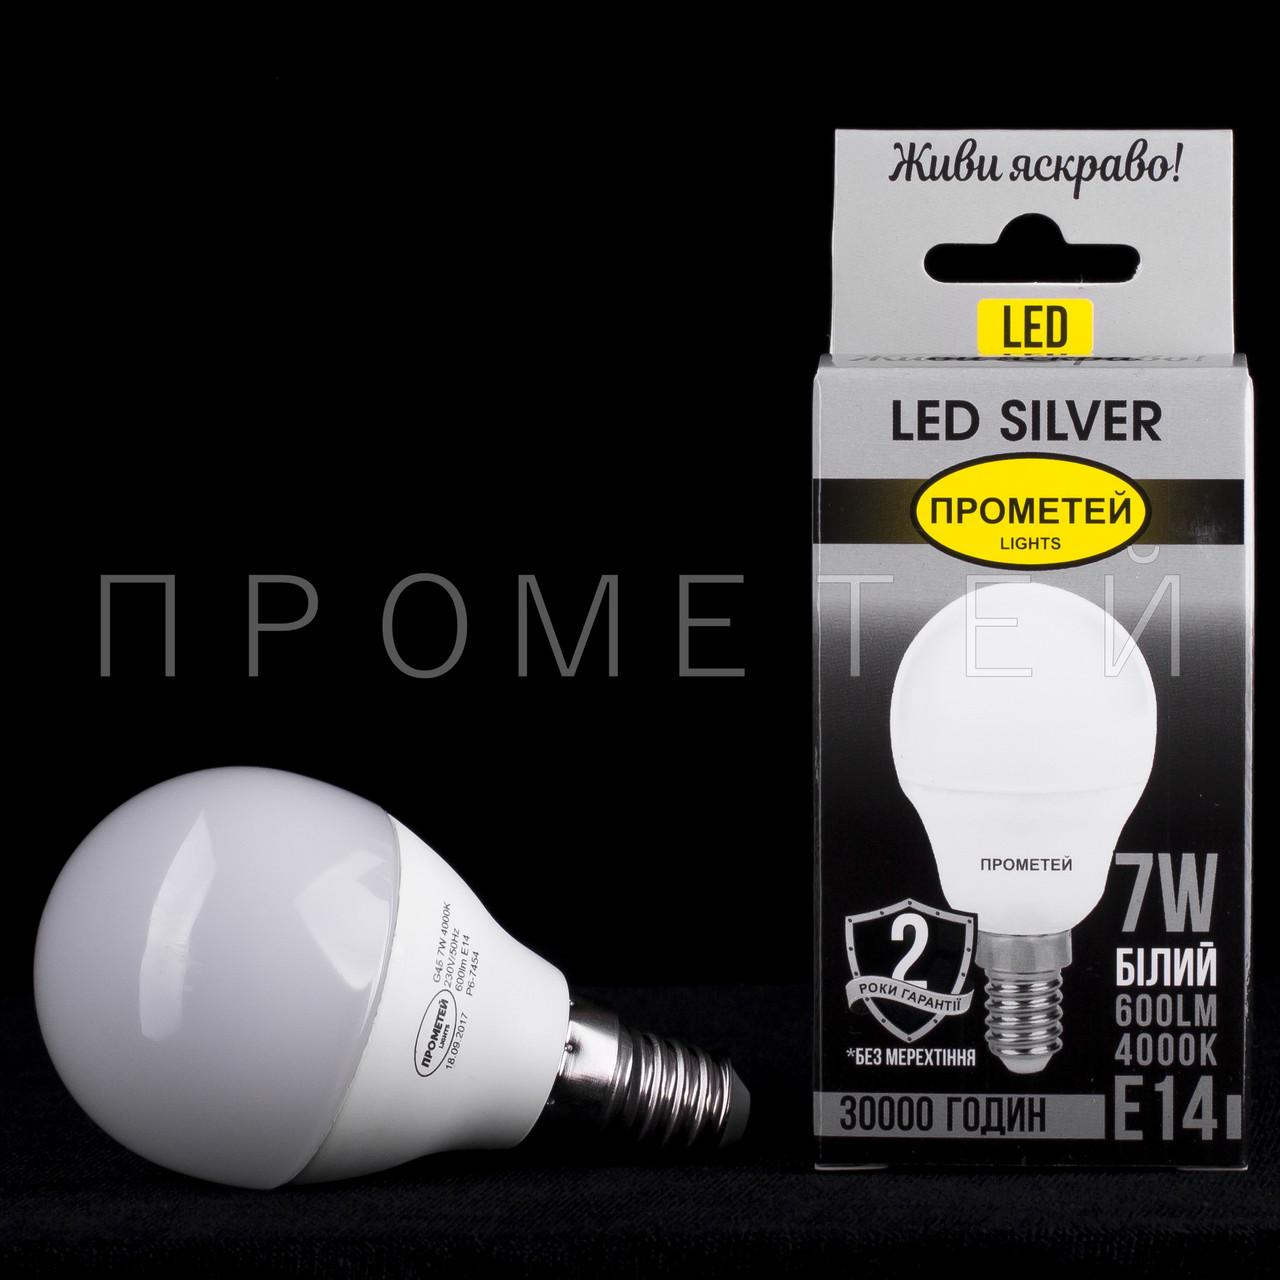 Светодиодная (LED) лампочка Прометей E14 - G45 7W P6-7454